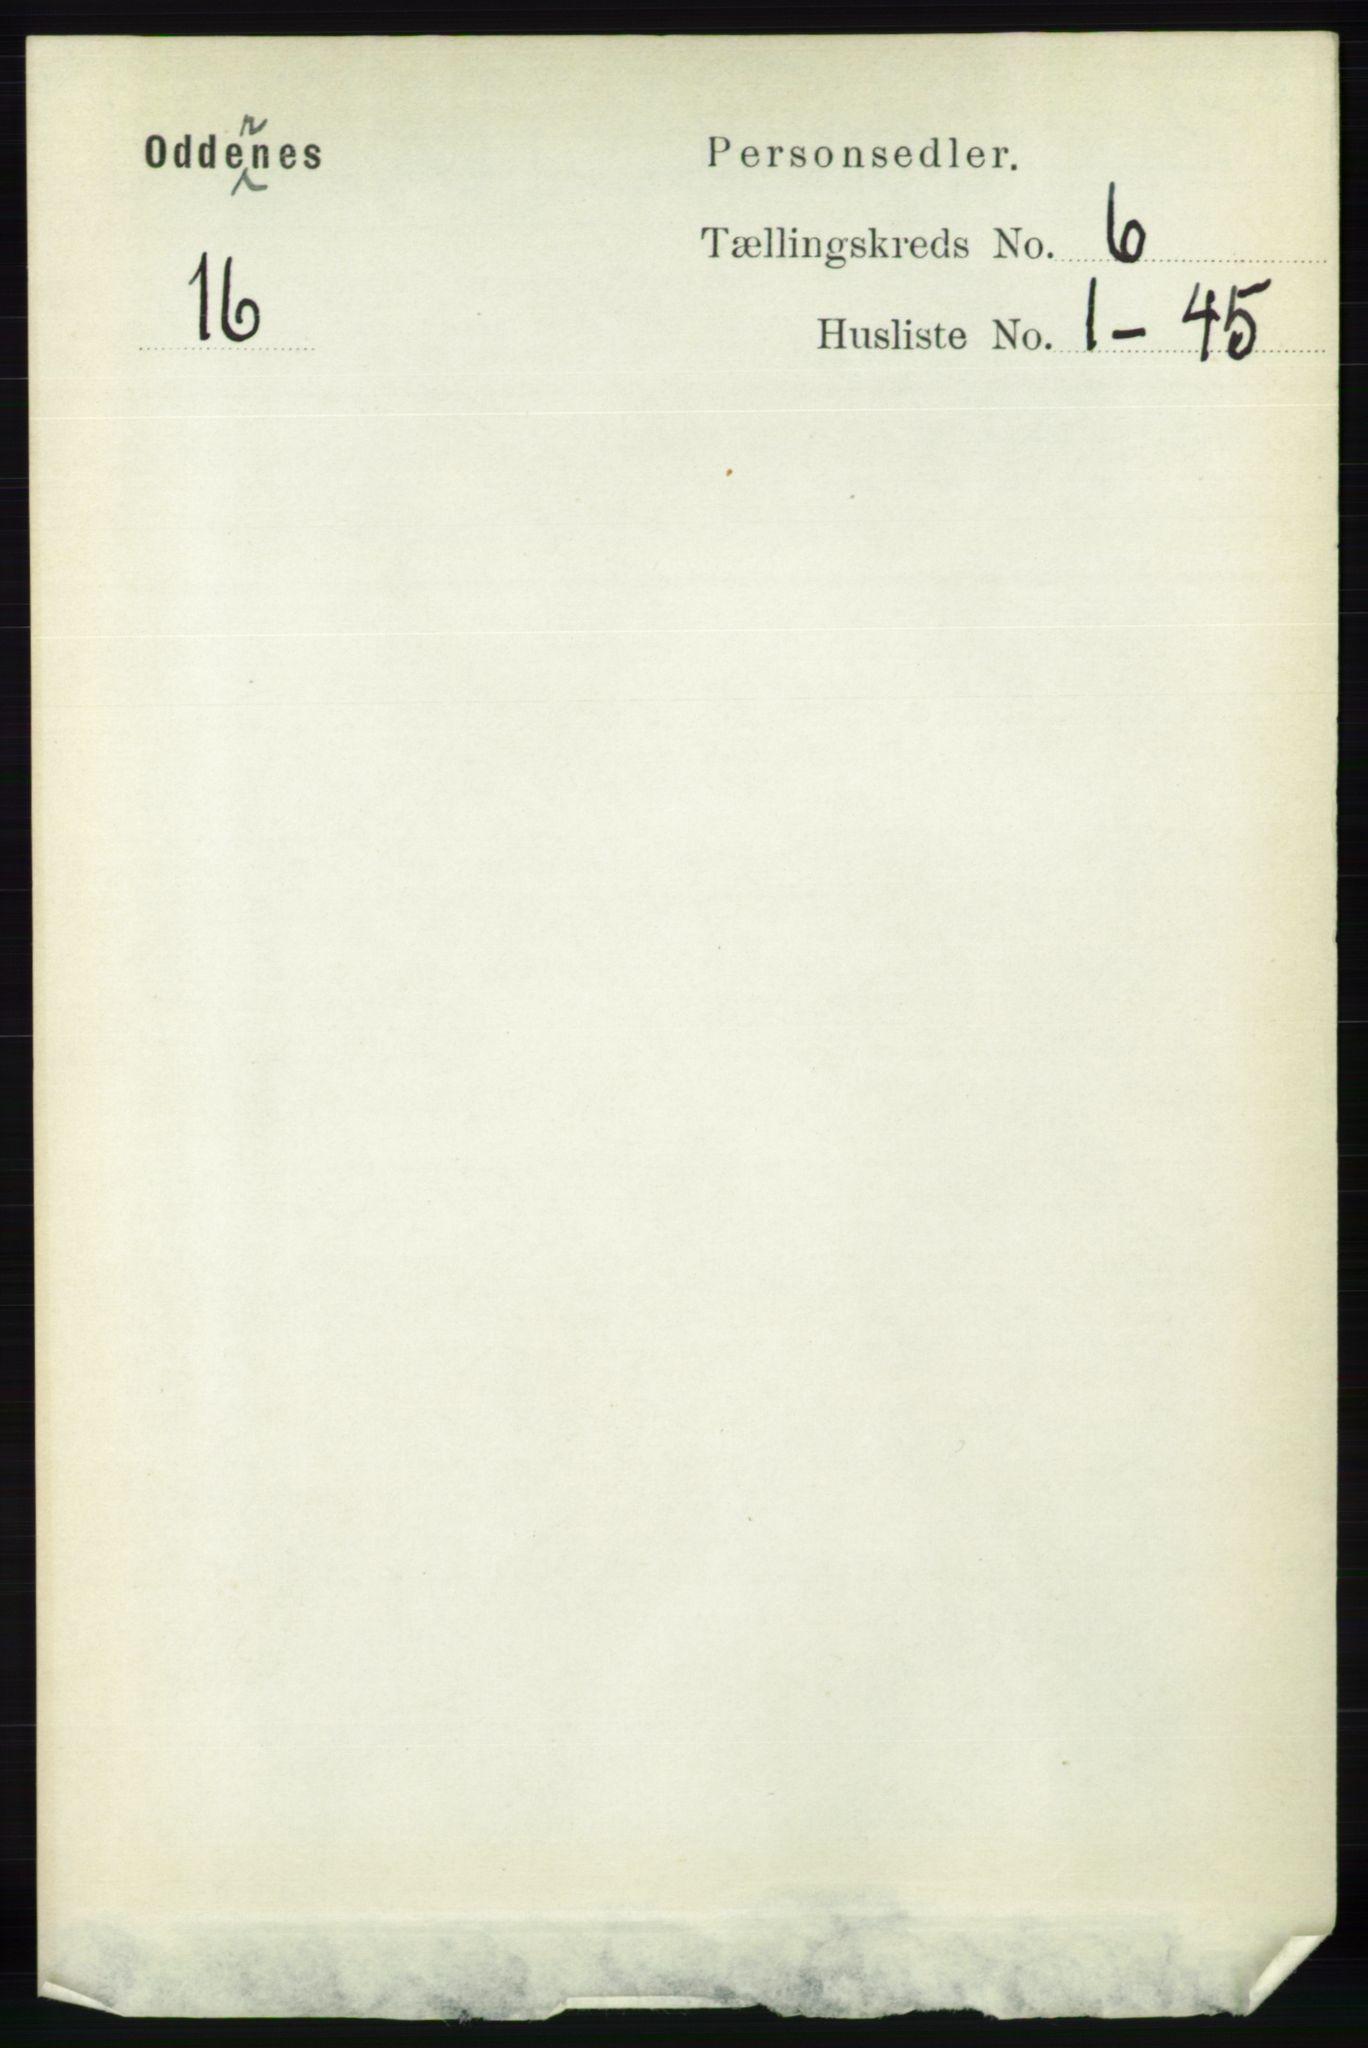 RA, Folketelling 1891 for 1012 Oddernes herred, 1891, s. 2196